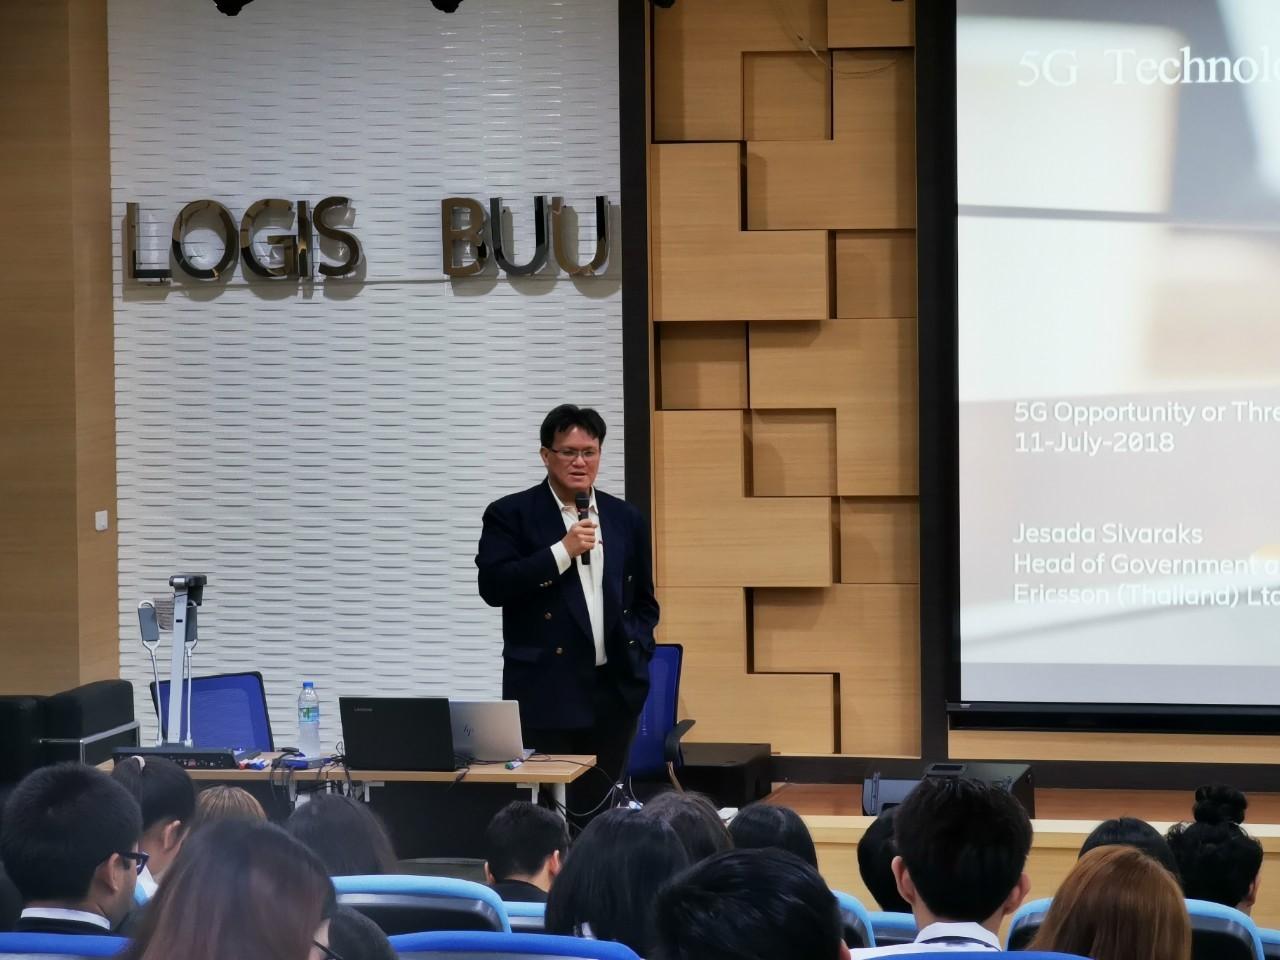 Logistics Talk ครั้งที่ 12